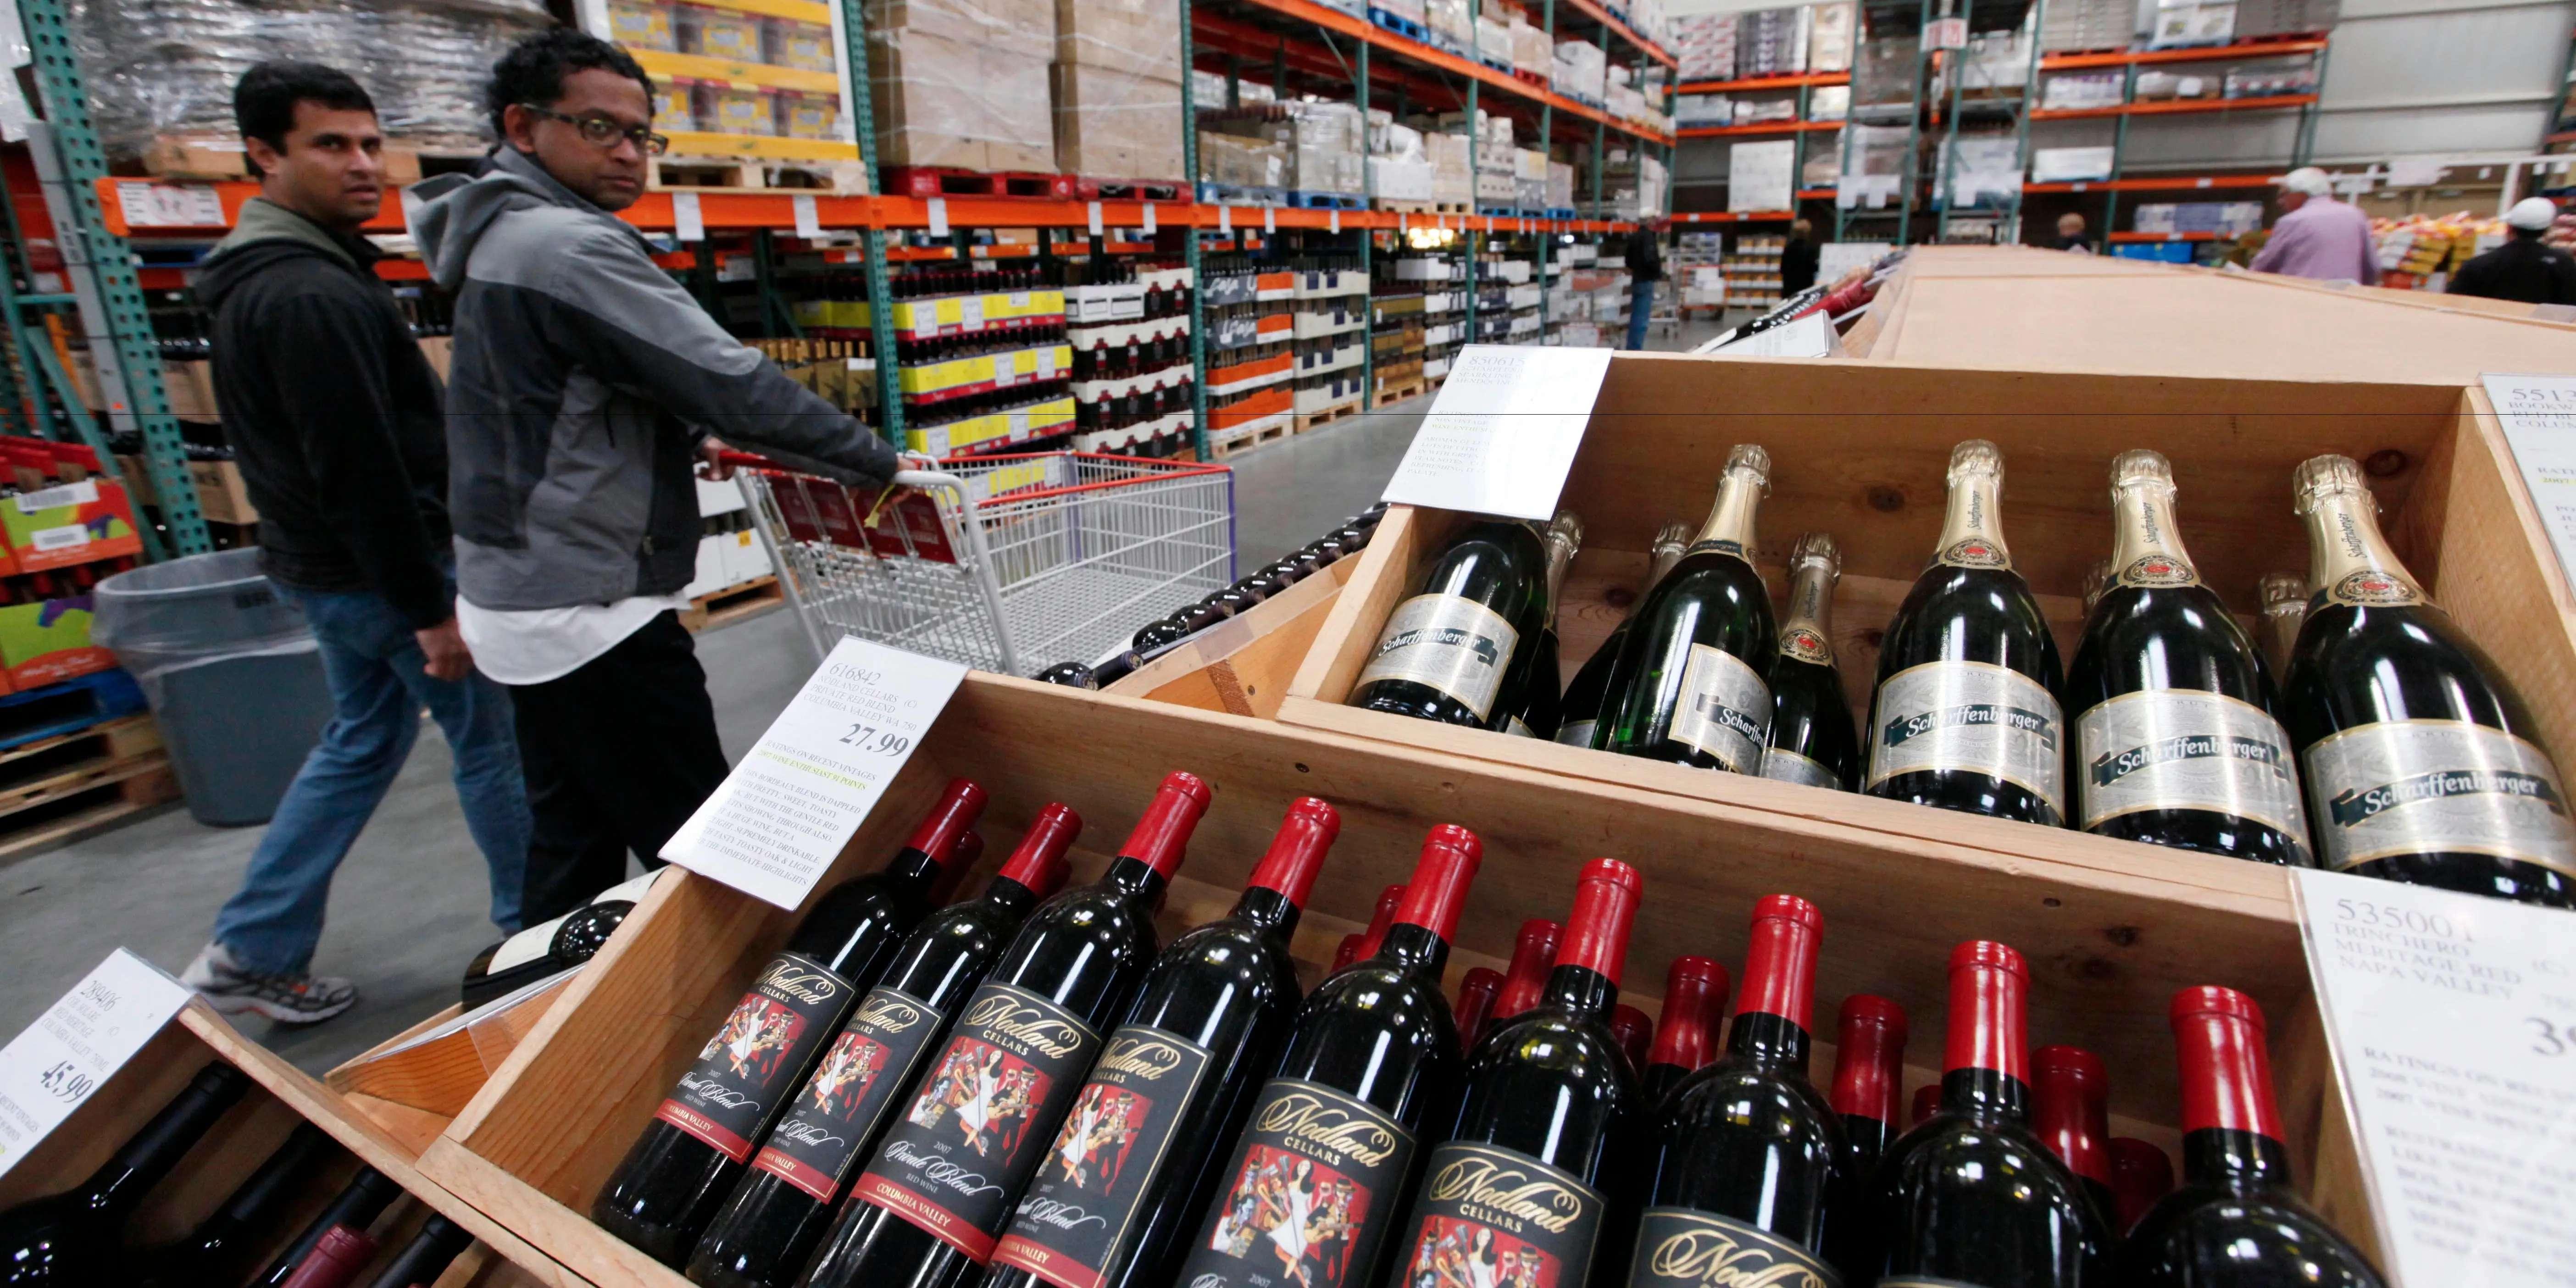 Costco wine